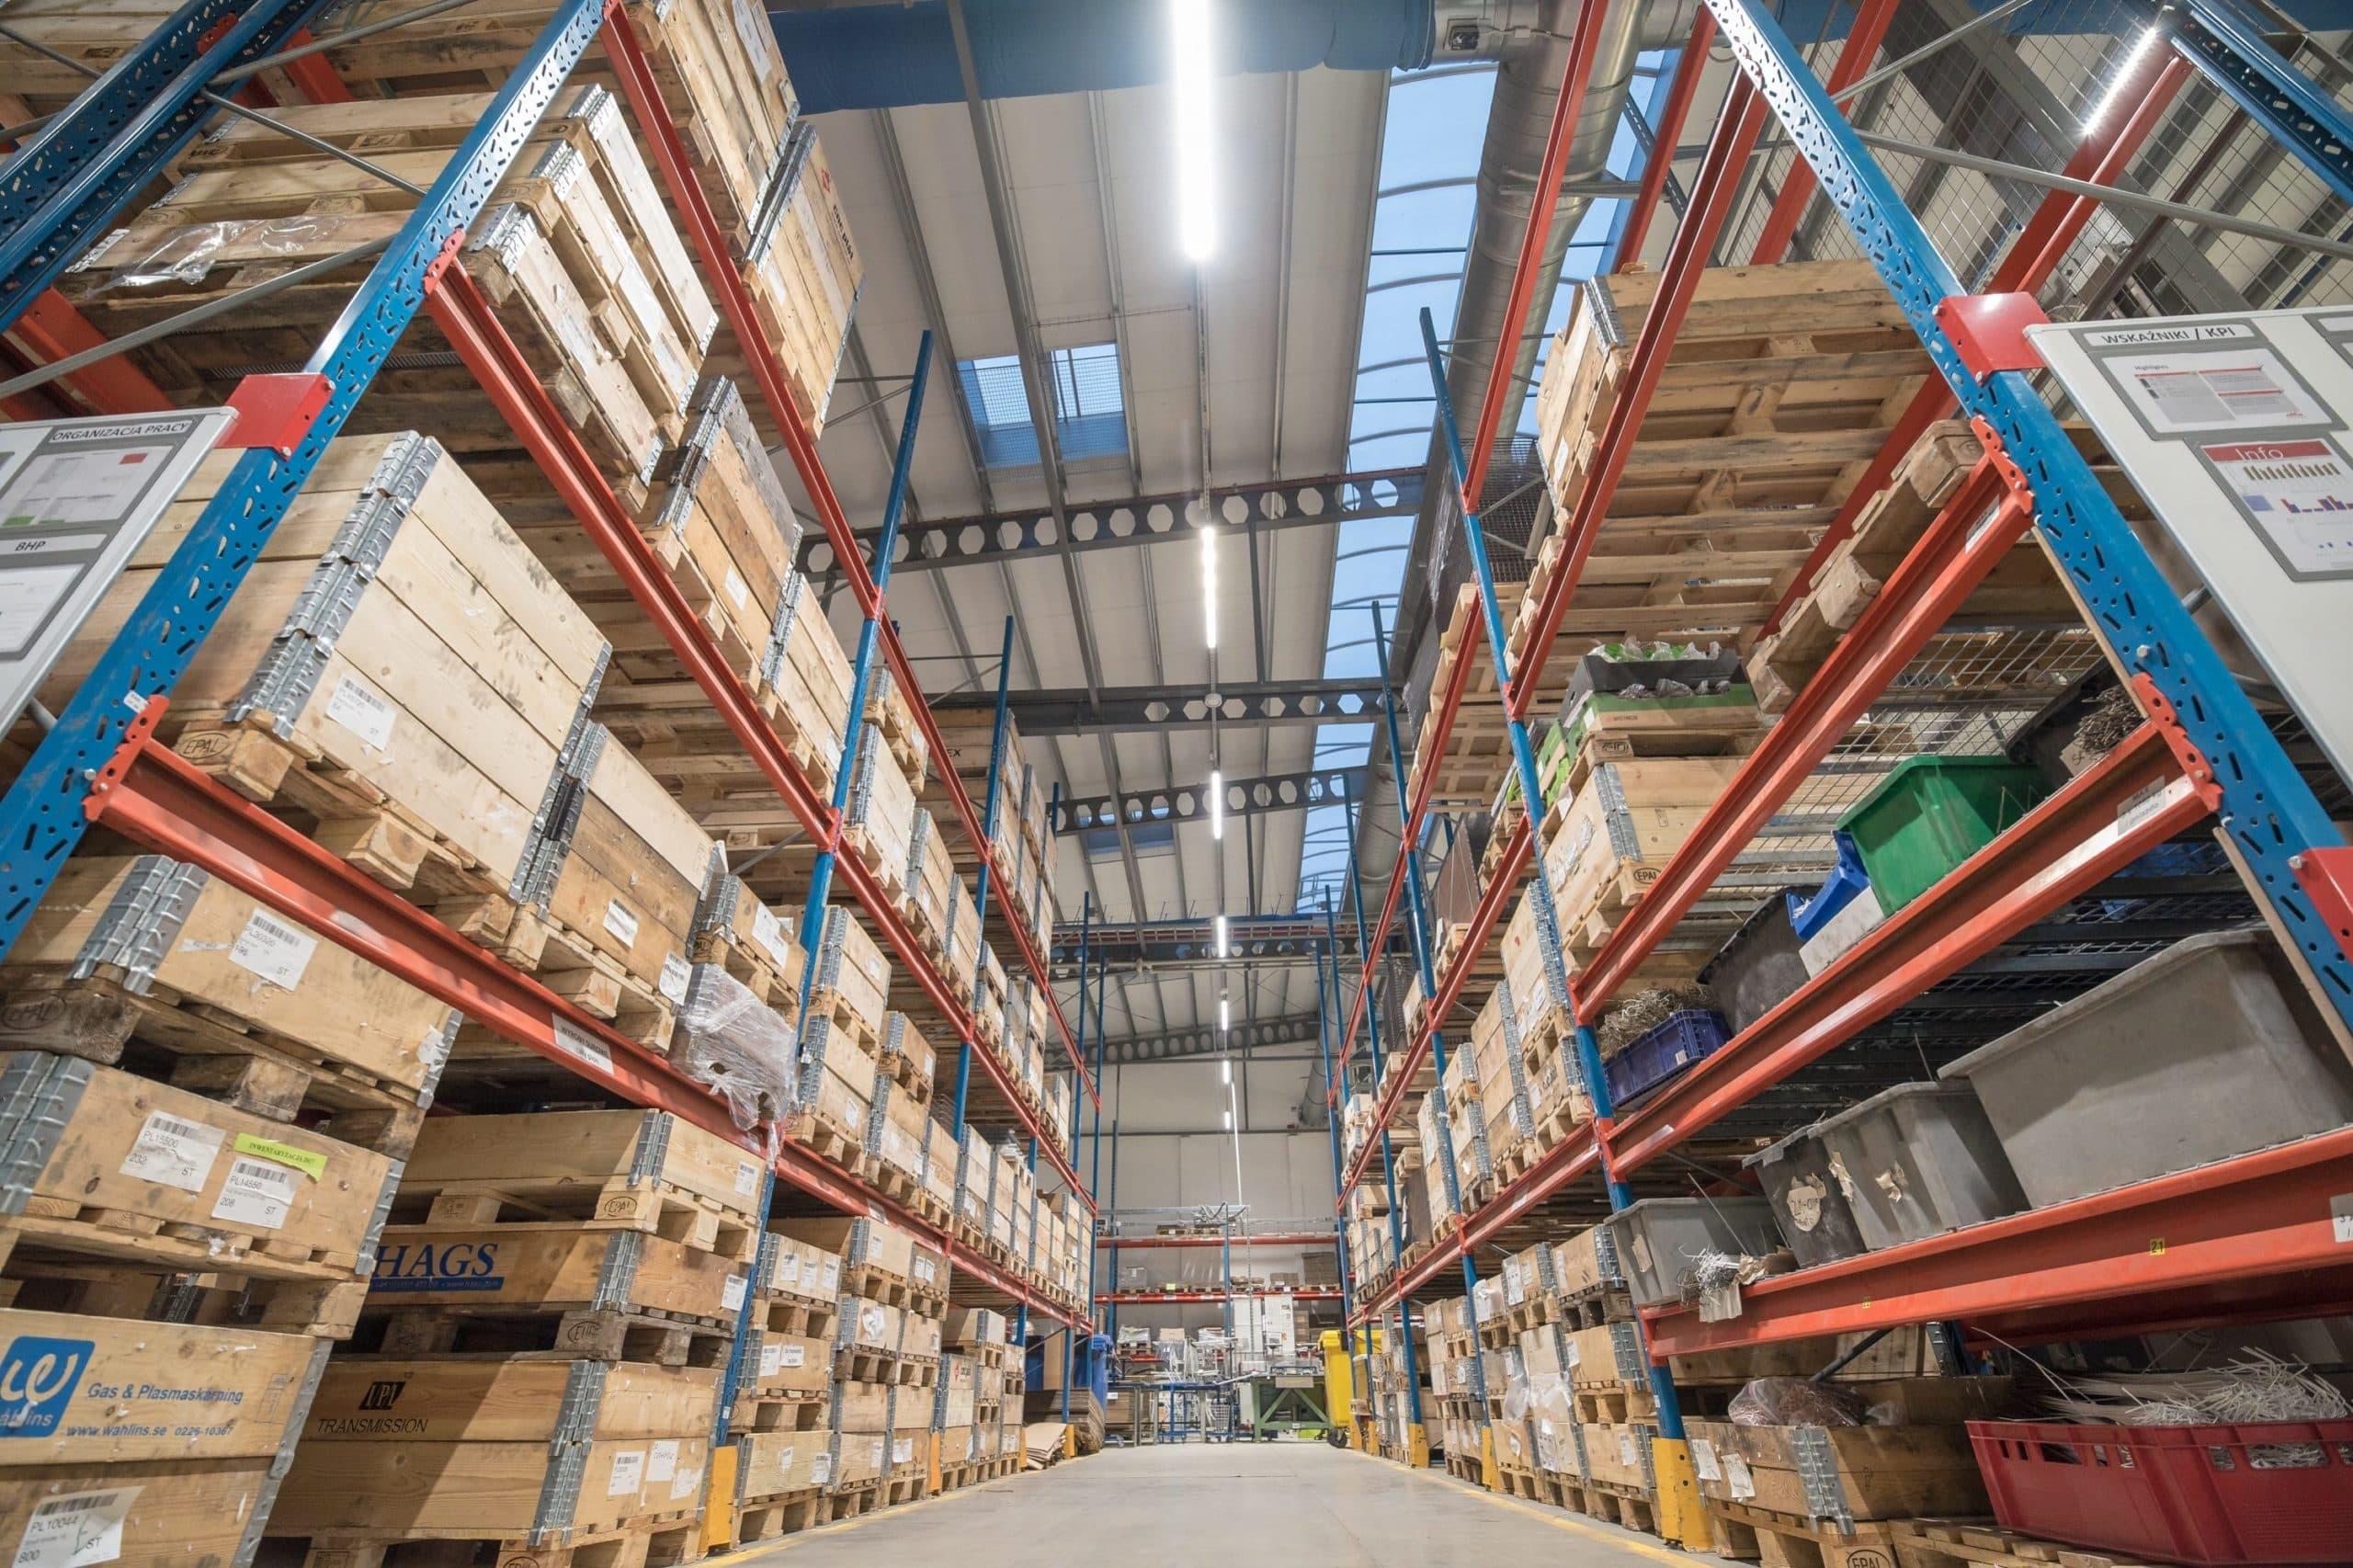 jak zwiększyć poziom natężenia oświetlenia w zakładzie przemysłowym